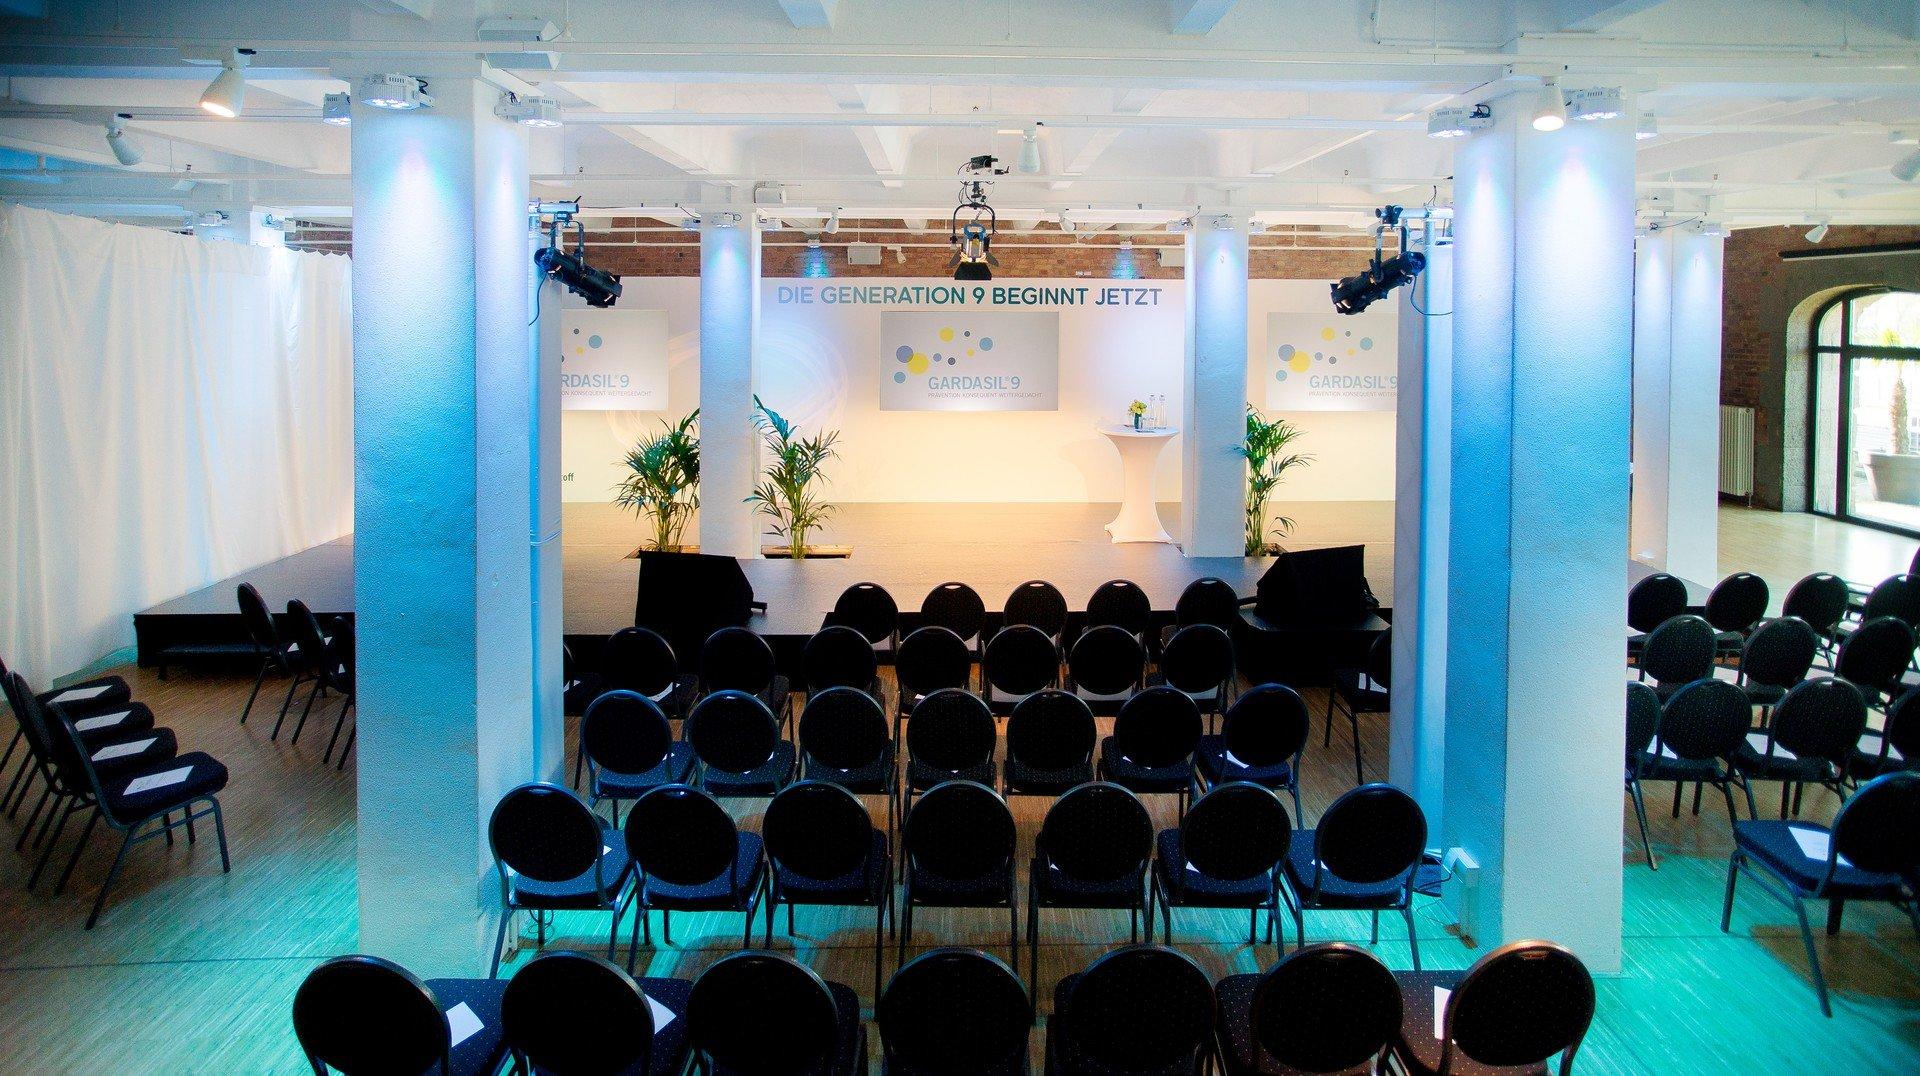 Berlin corporate event venues Loft Spreespeicher - 030 Eventloft image 0